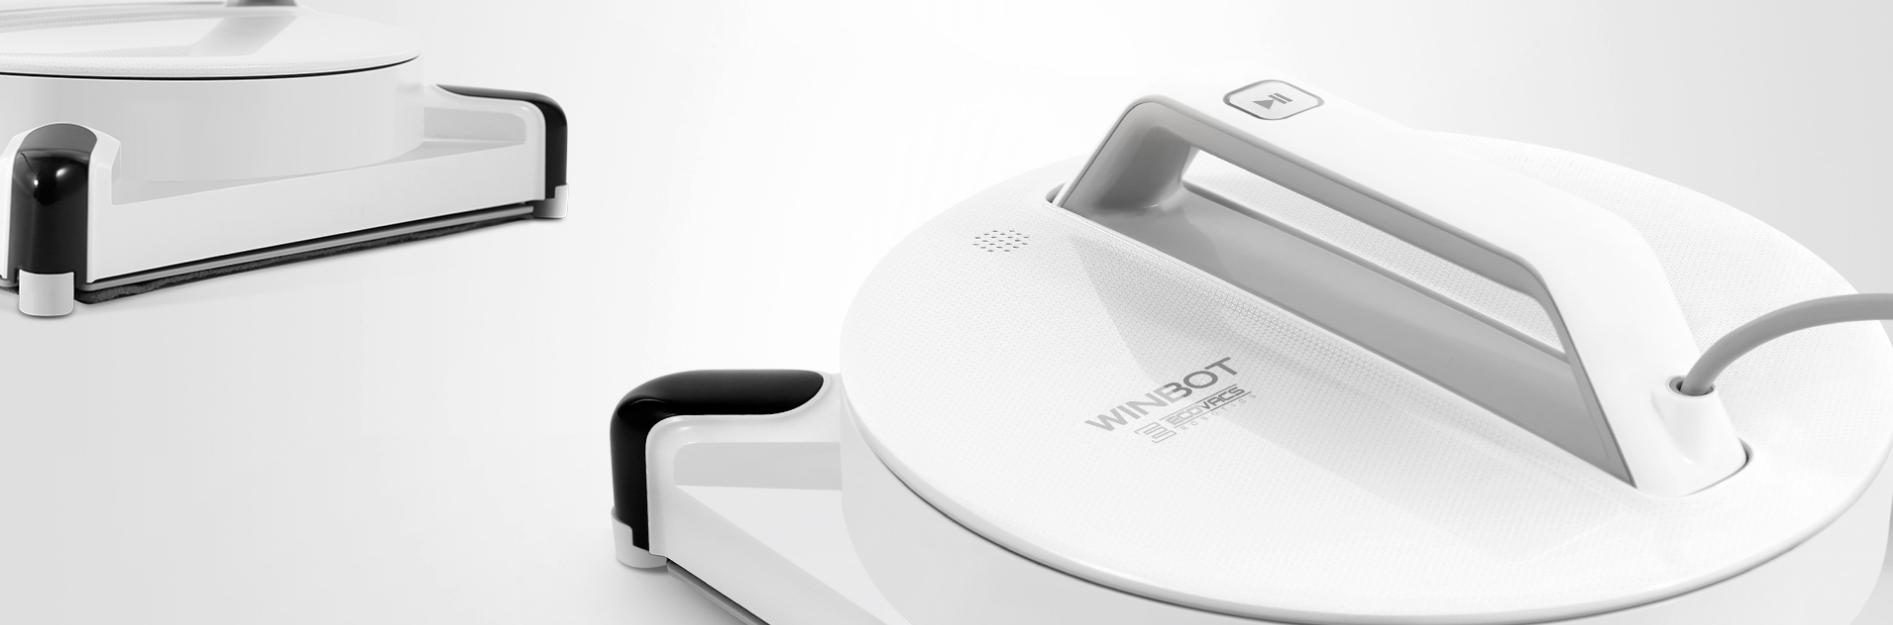 ecovacs winbot 950 robot laveur de vitre blanc achat. Black Bedroom Furniture Sets. Home Design Ideas